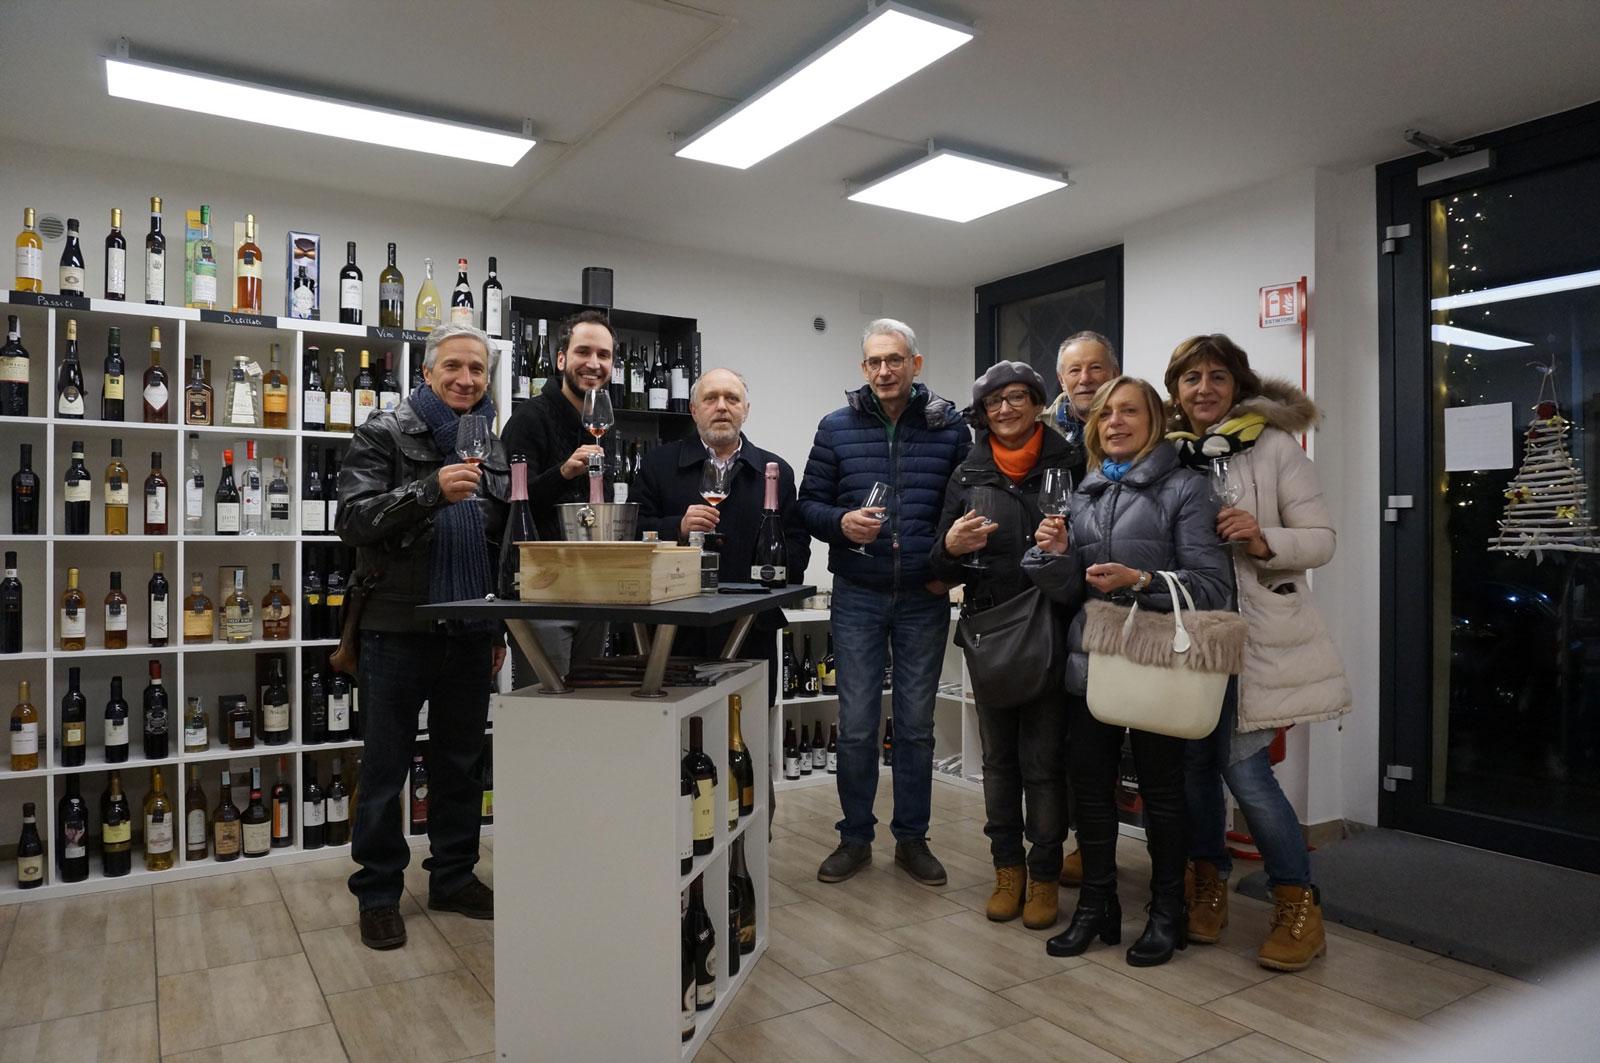 Andrea Lauducci degustazione vini con clienti all'enoteca botrytis